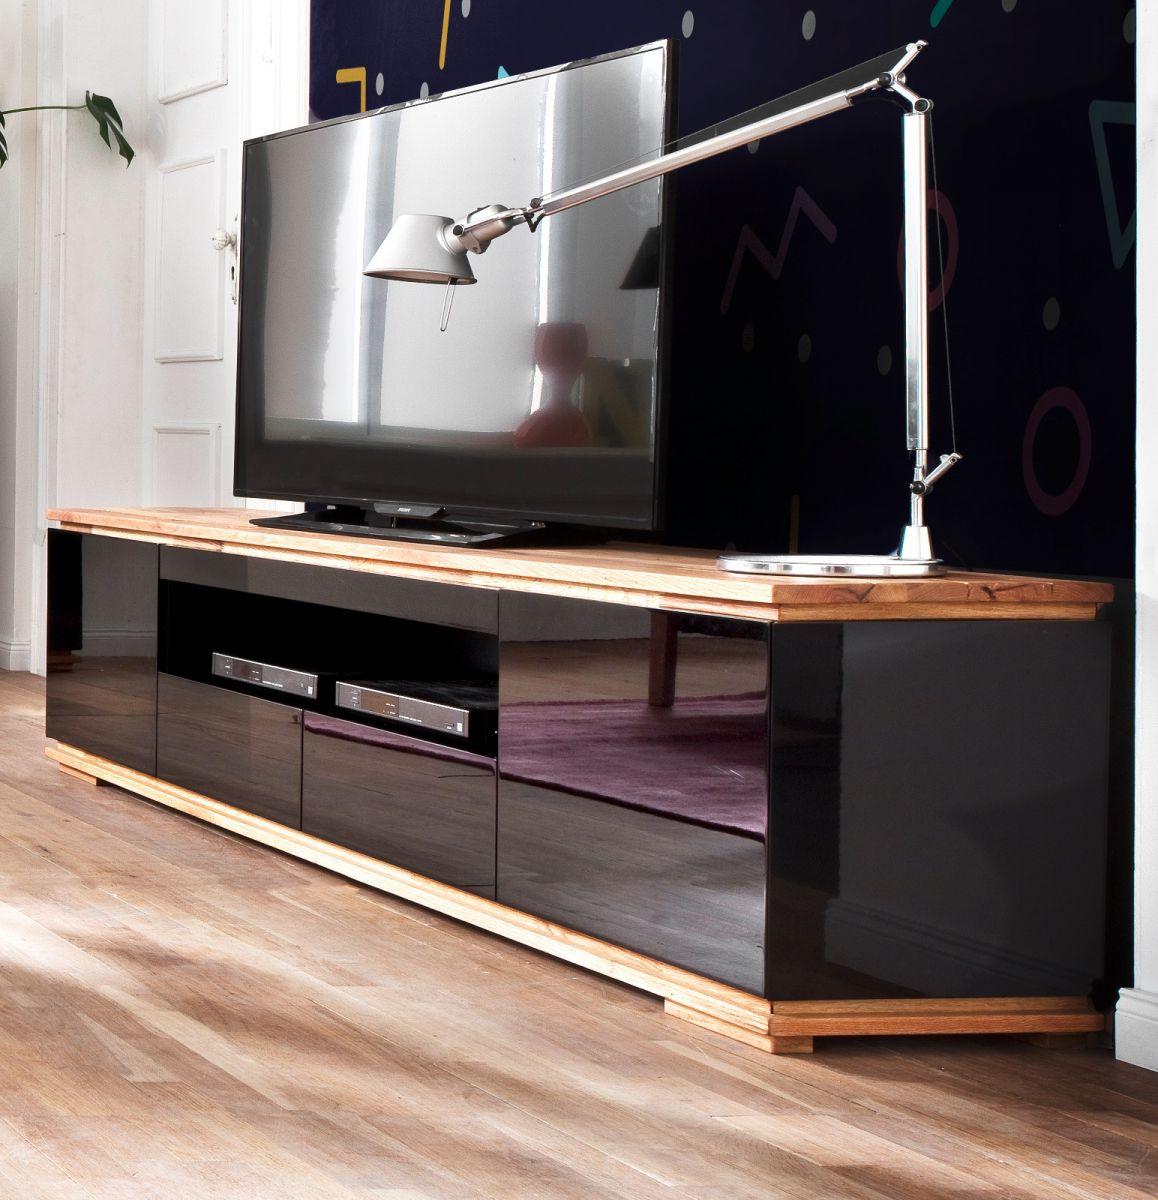 TV-Lowboard Chiaro schwarz Hochglanz Lack und Eiche - Asteiche massiv 202 x 54 cm